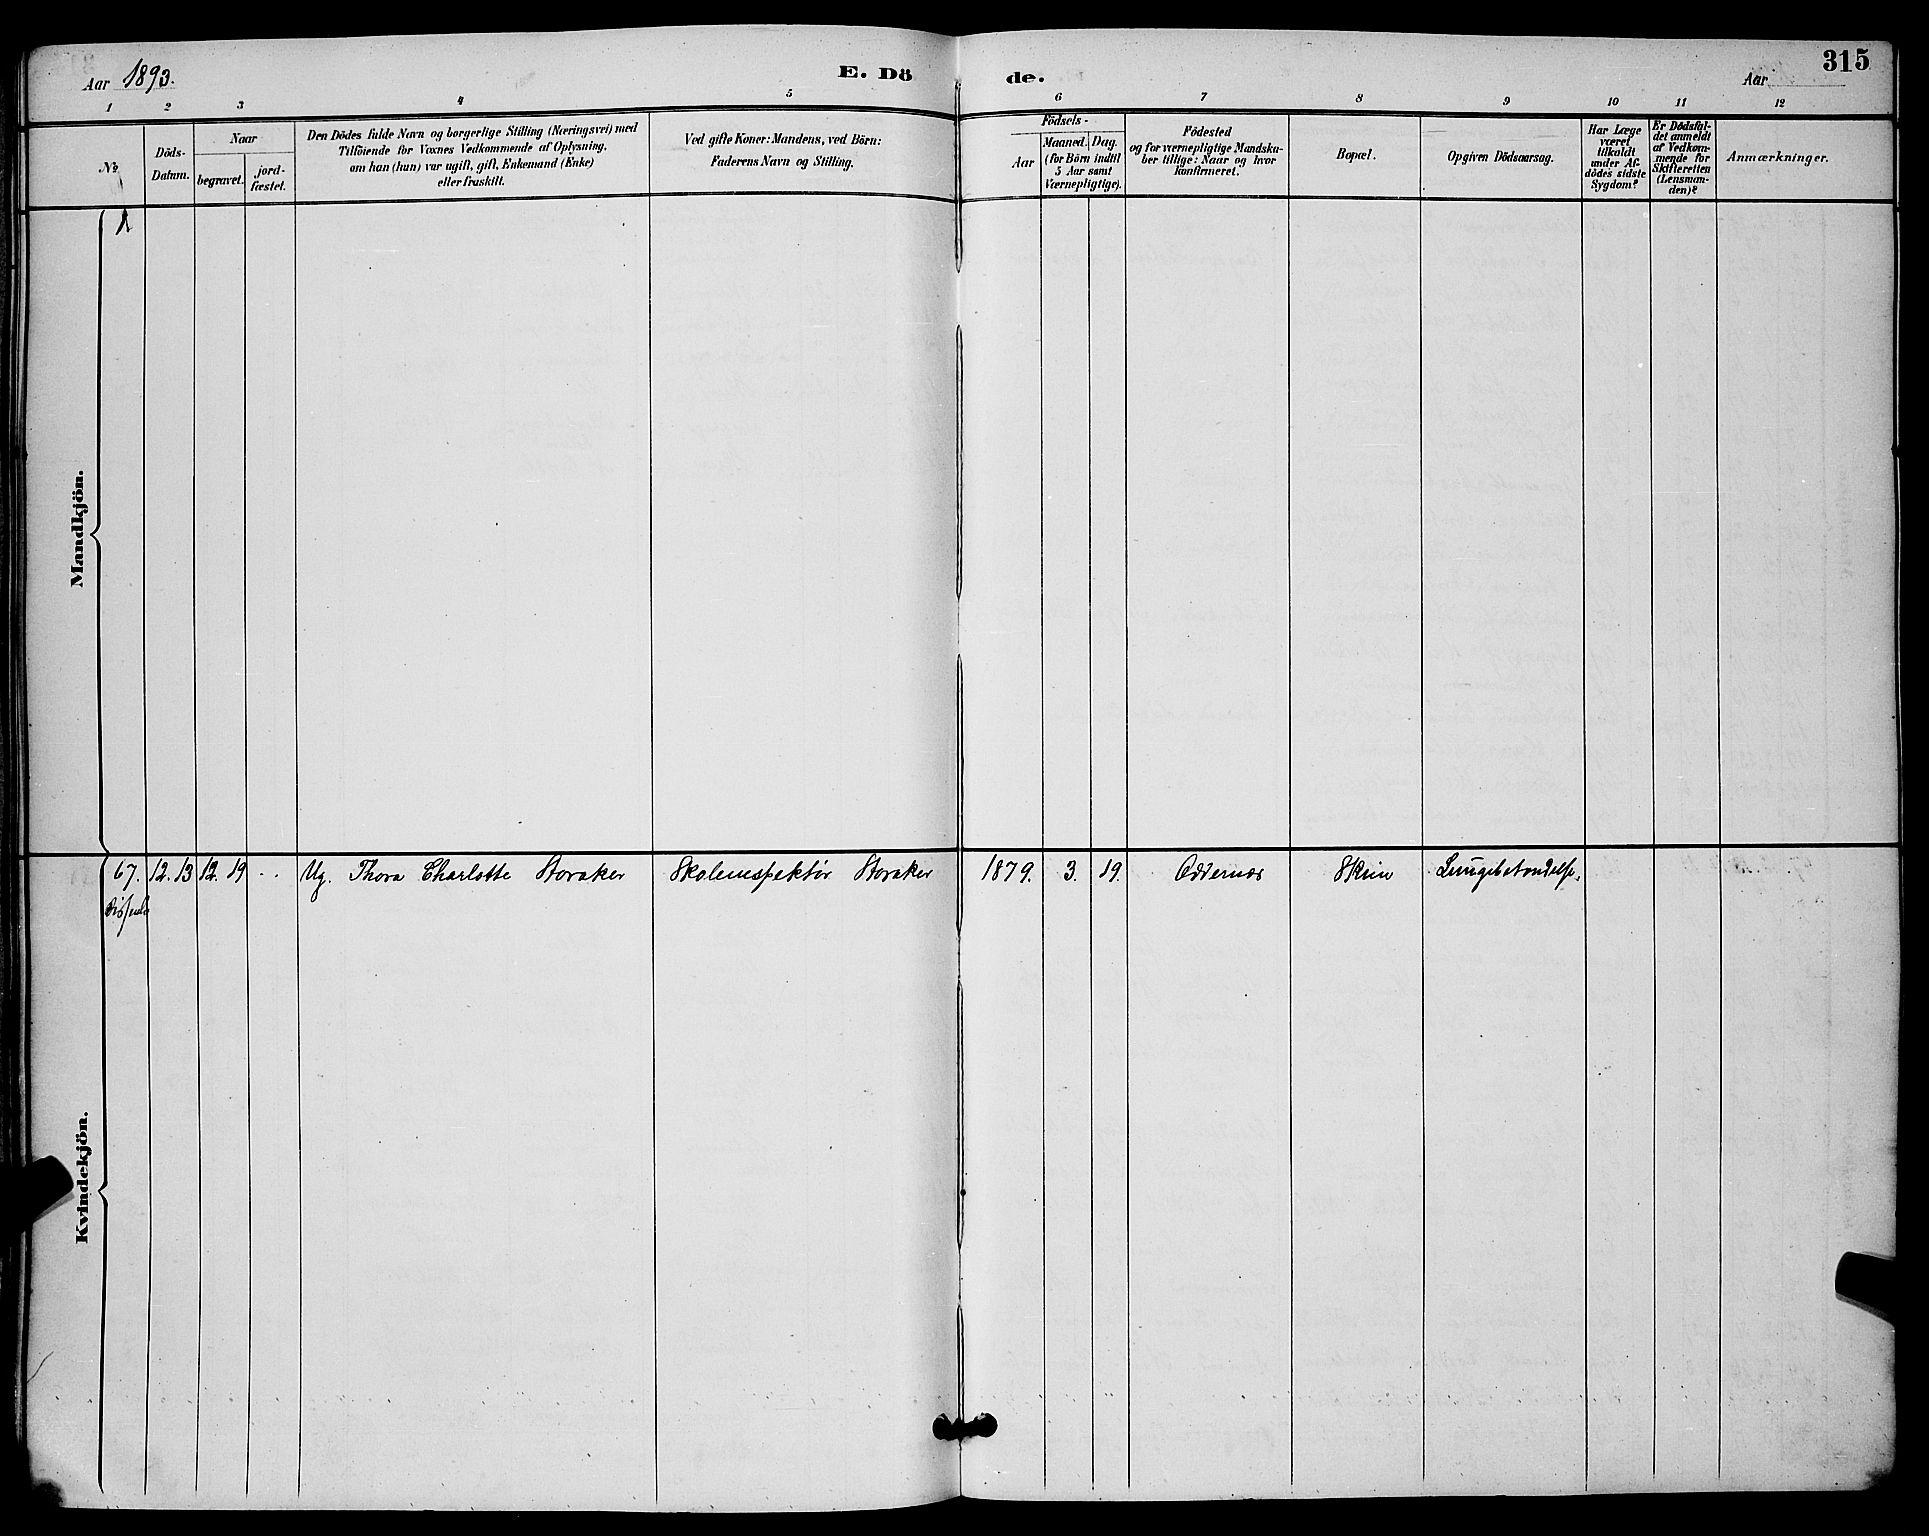 SAKO, Skien kirkebøker, G/Ga/L0007: Klokkerbok nr. 7, 1891-1900, s. 315